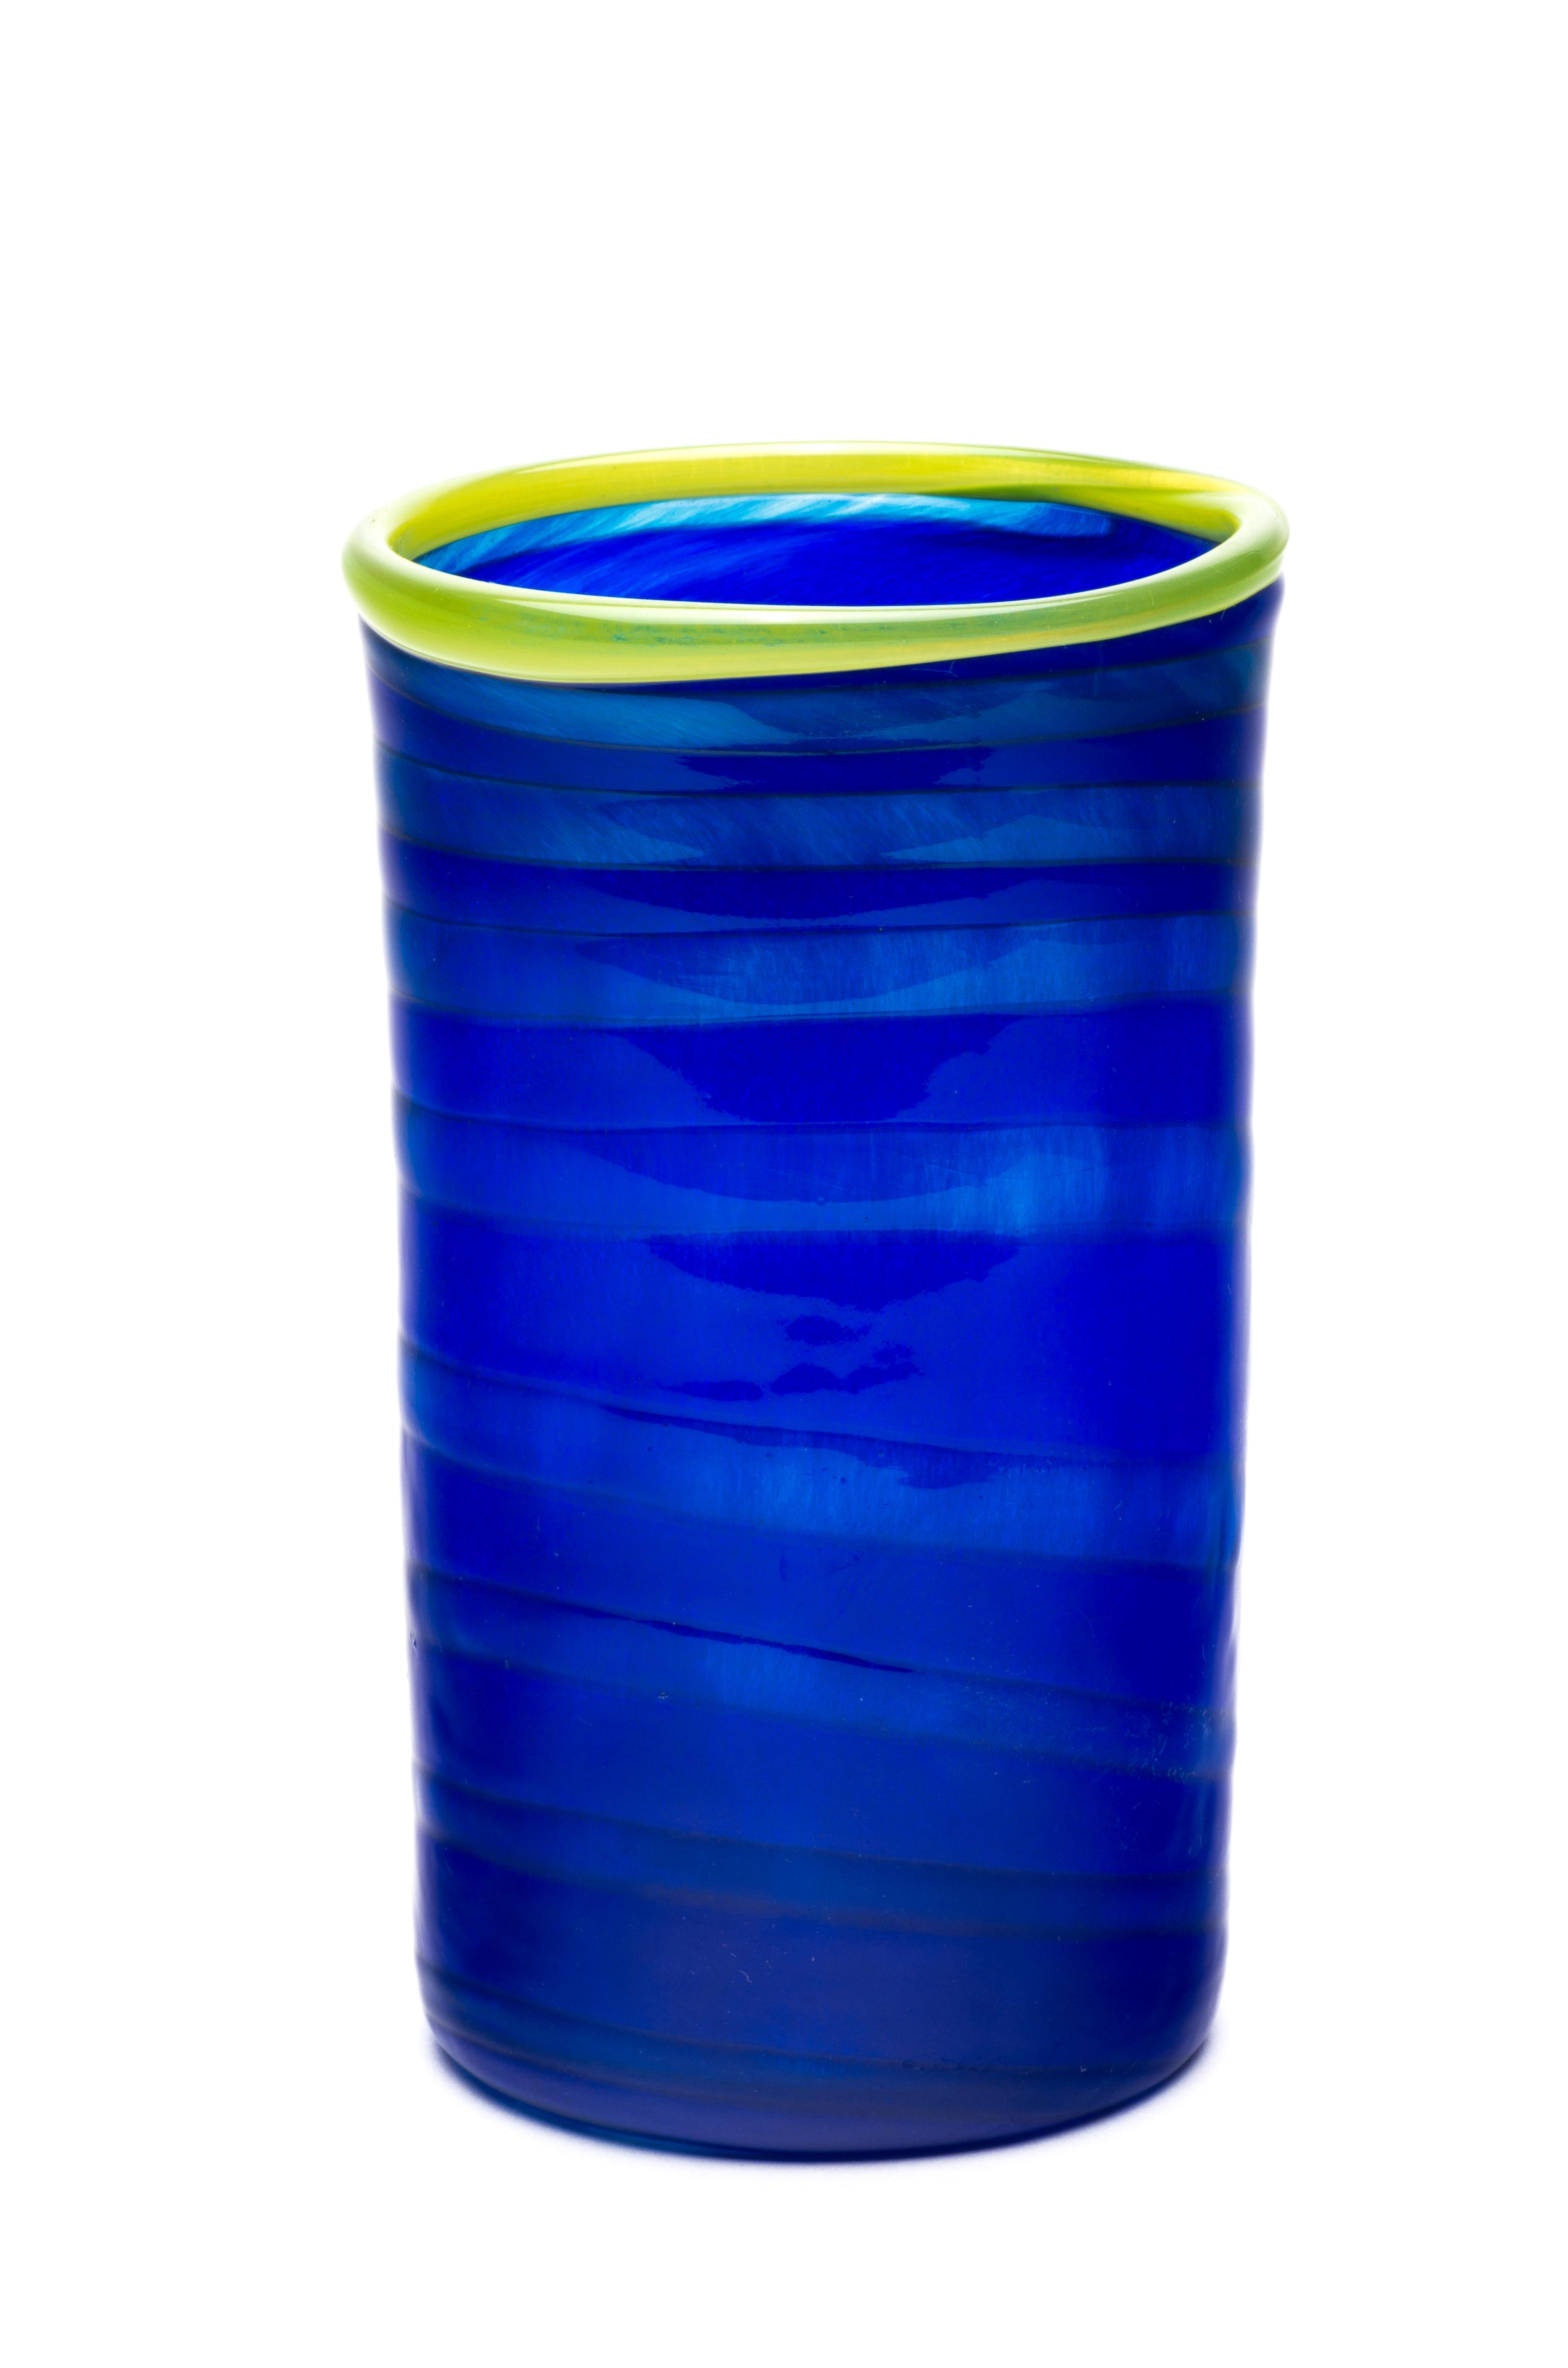 koboltblå med spiral og grønn